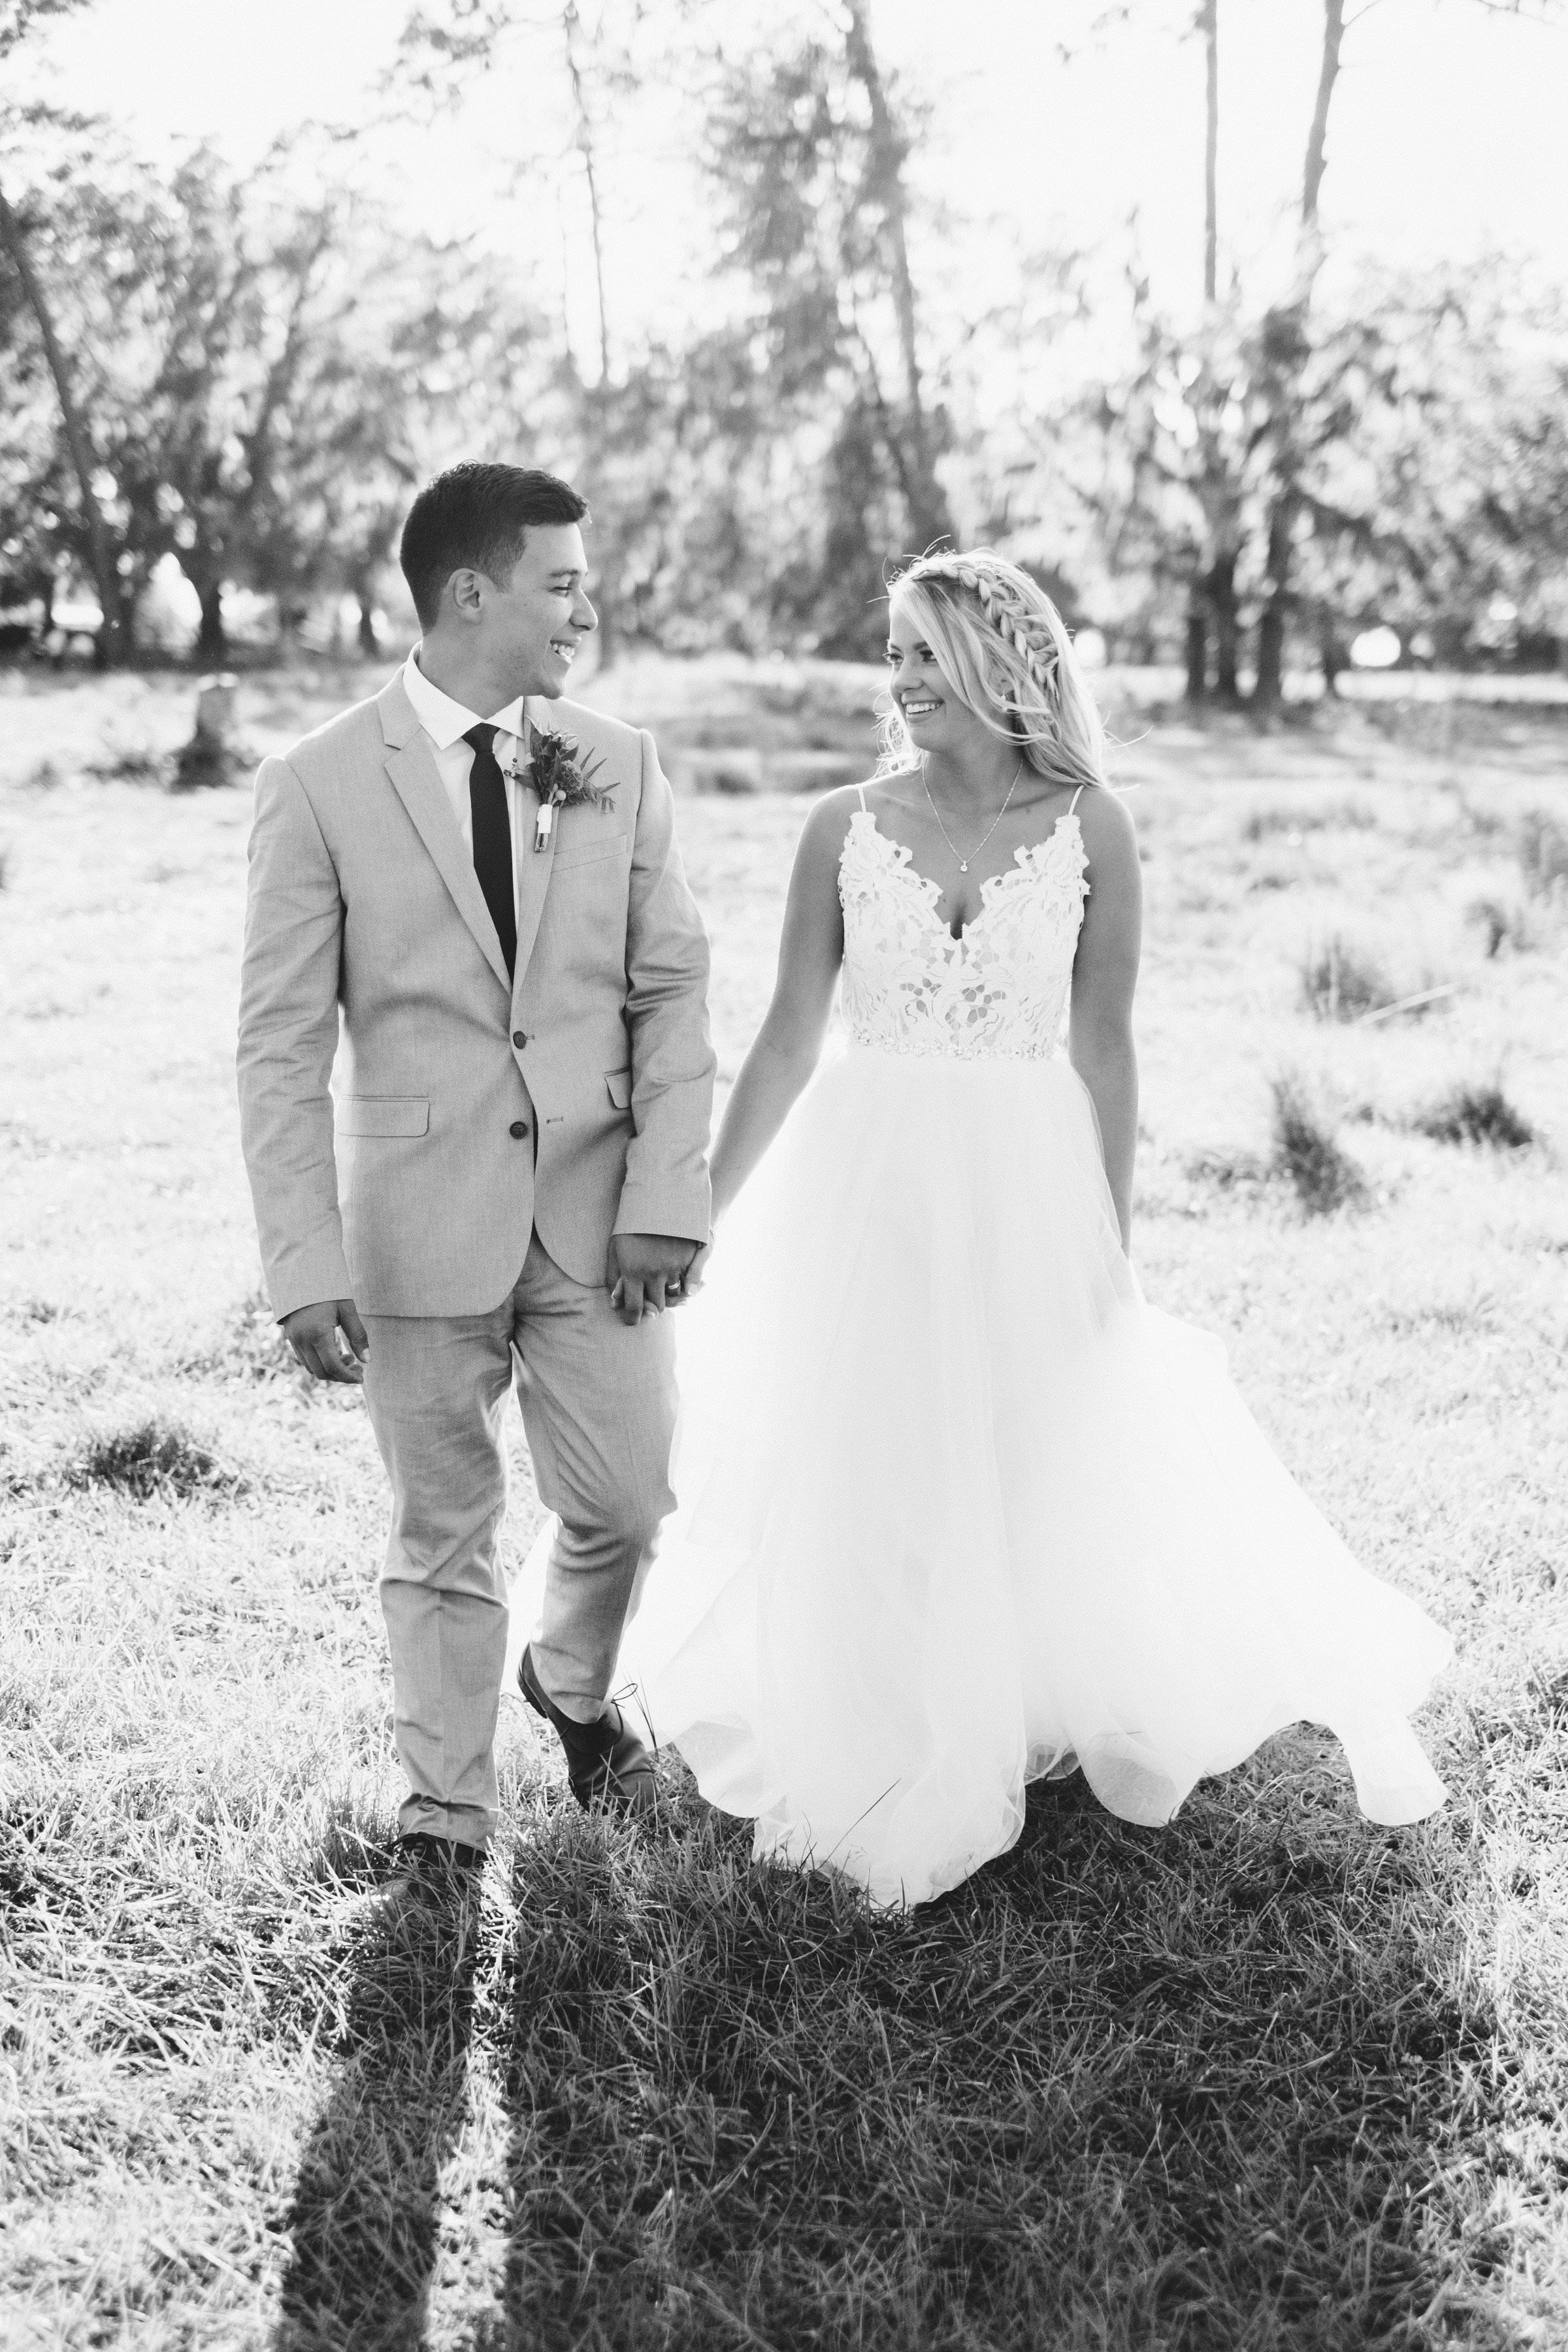 Tampa Florida Wedding Photographer | Benjamin Hewitt Photography